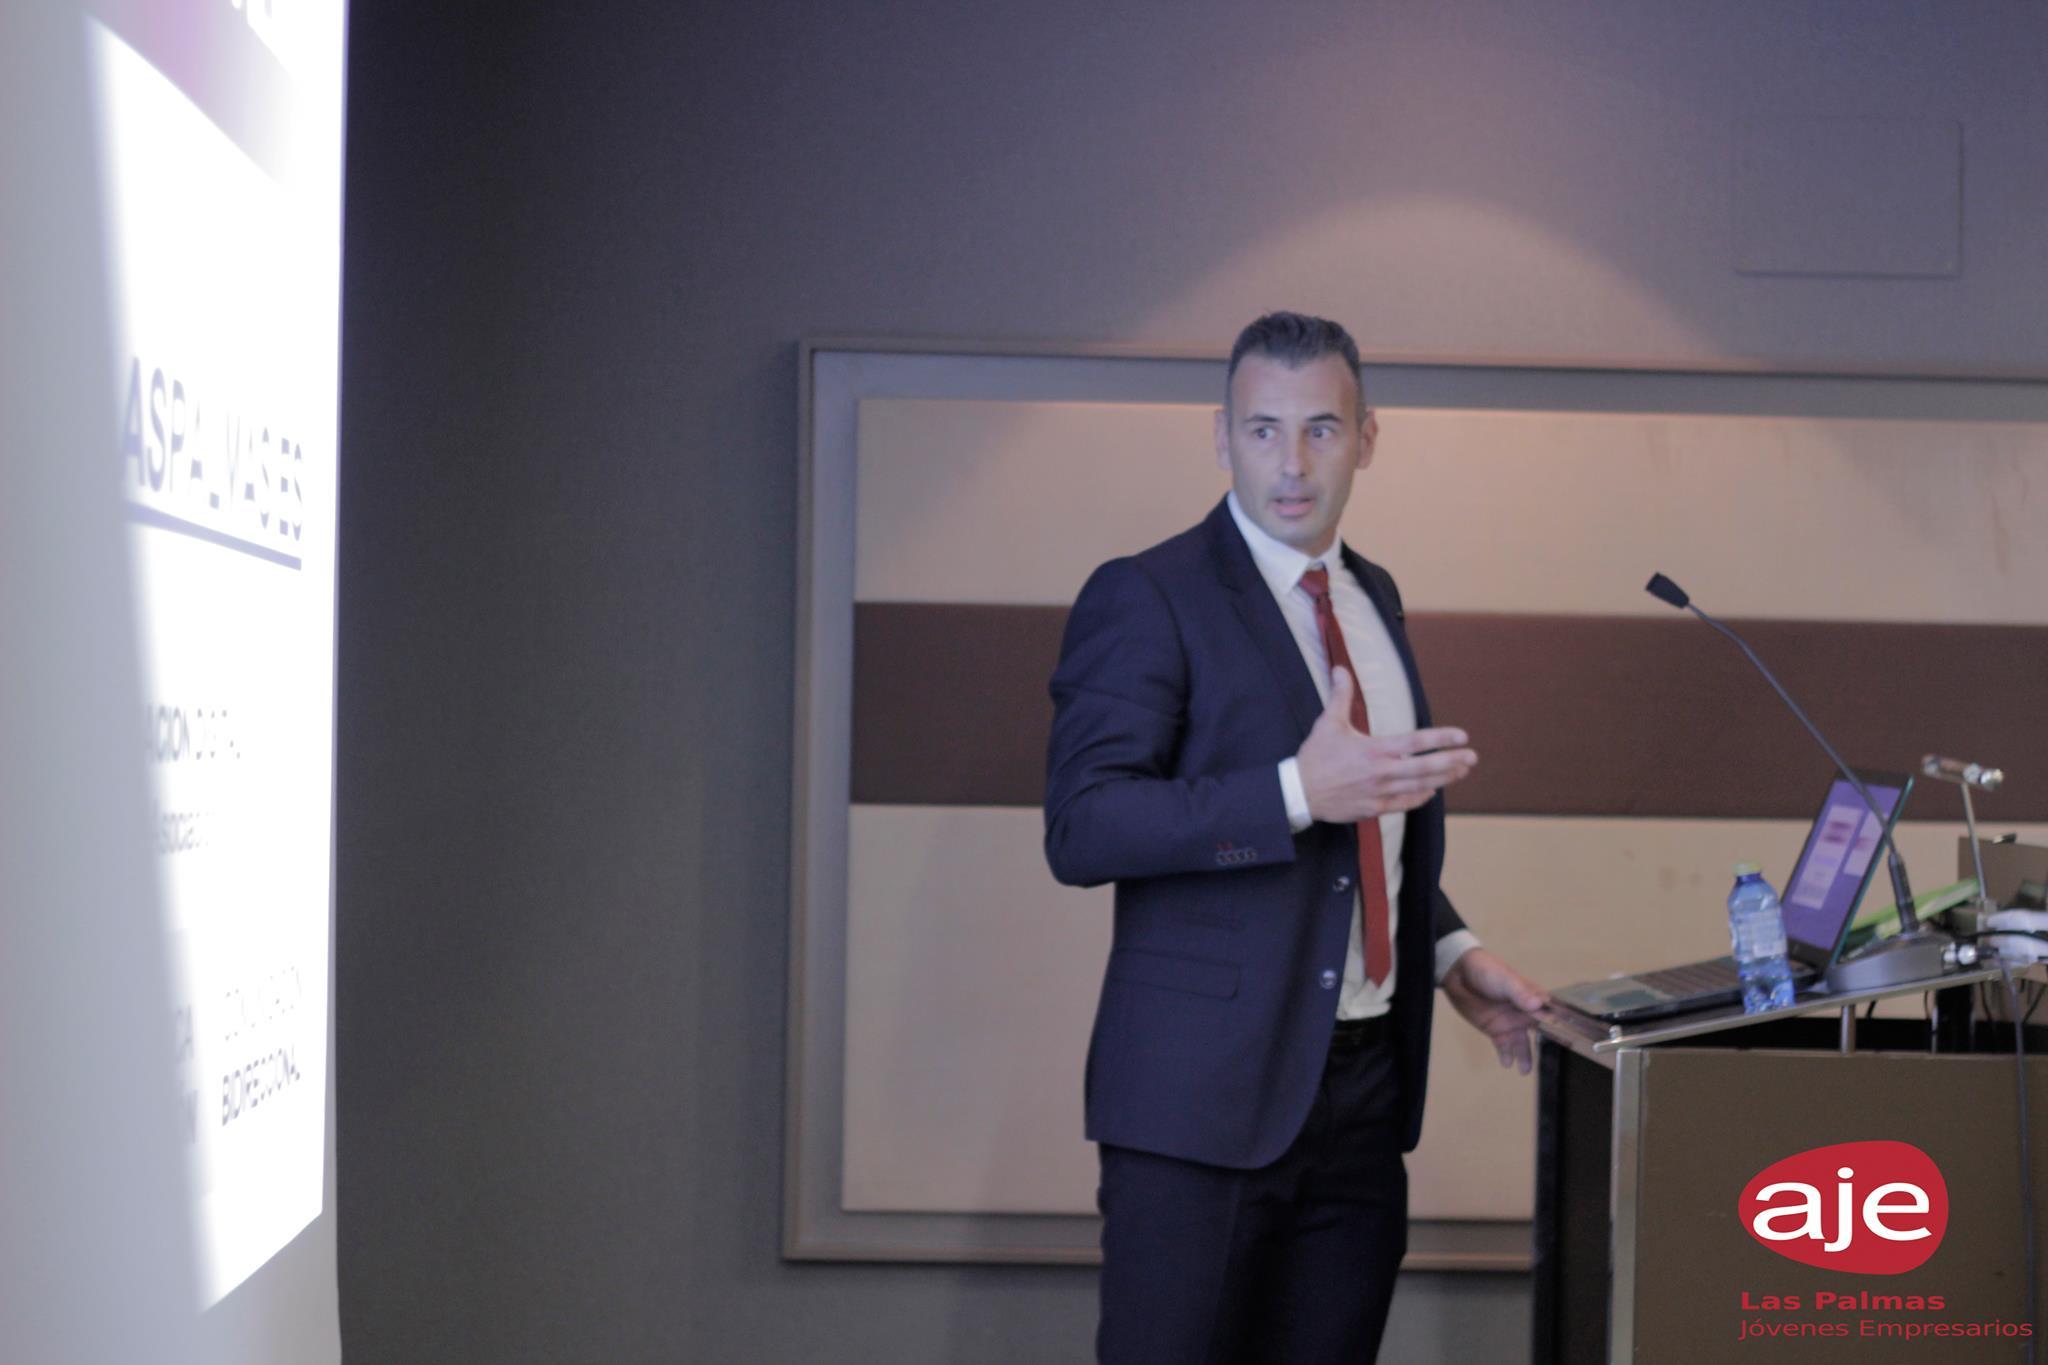 Enrique Hernández Nuez en la presentación del programa AJE Las Palmas 2018